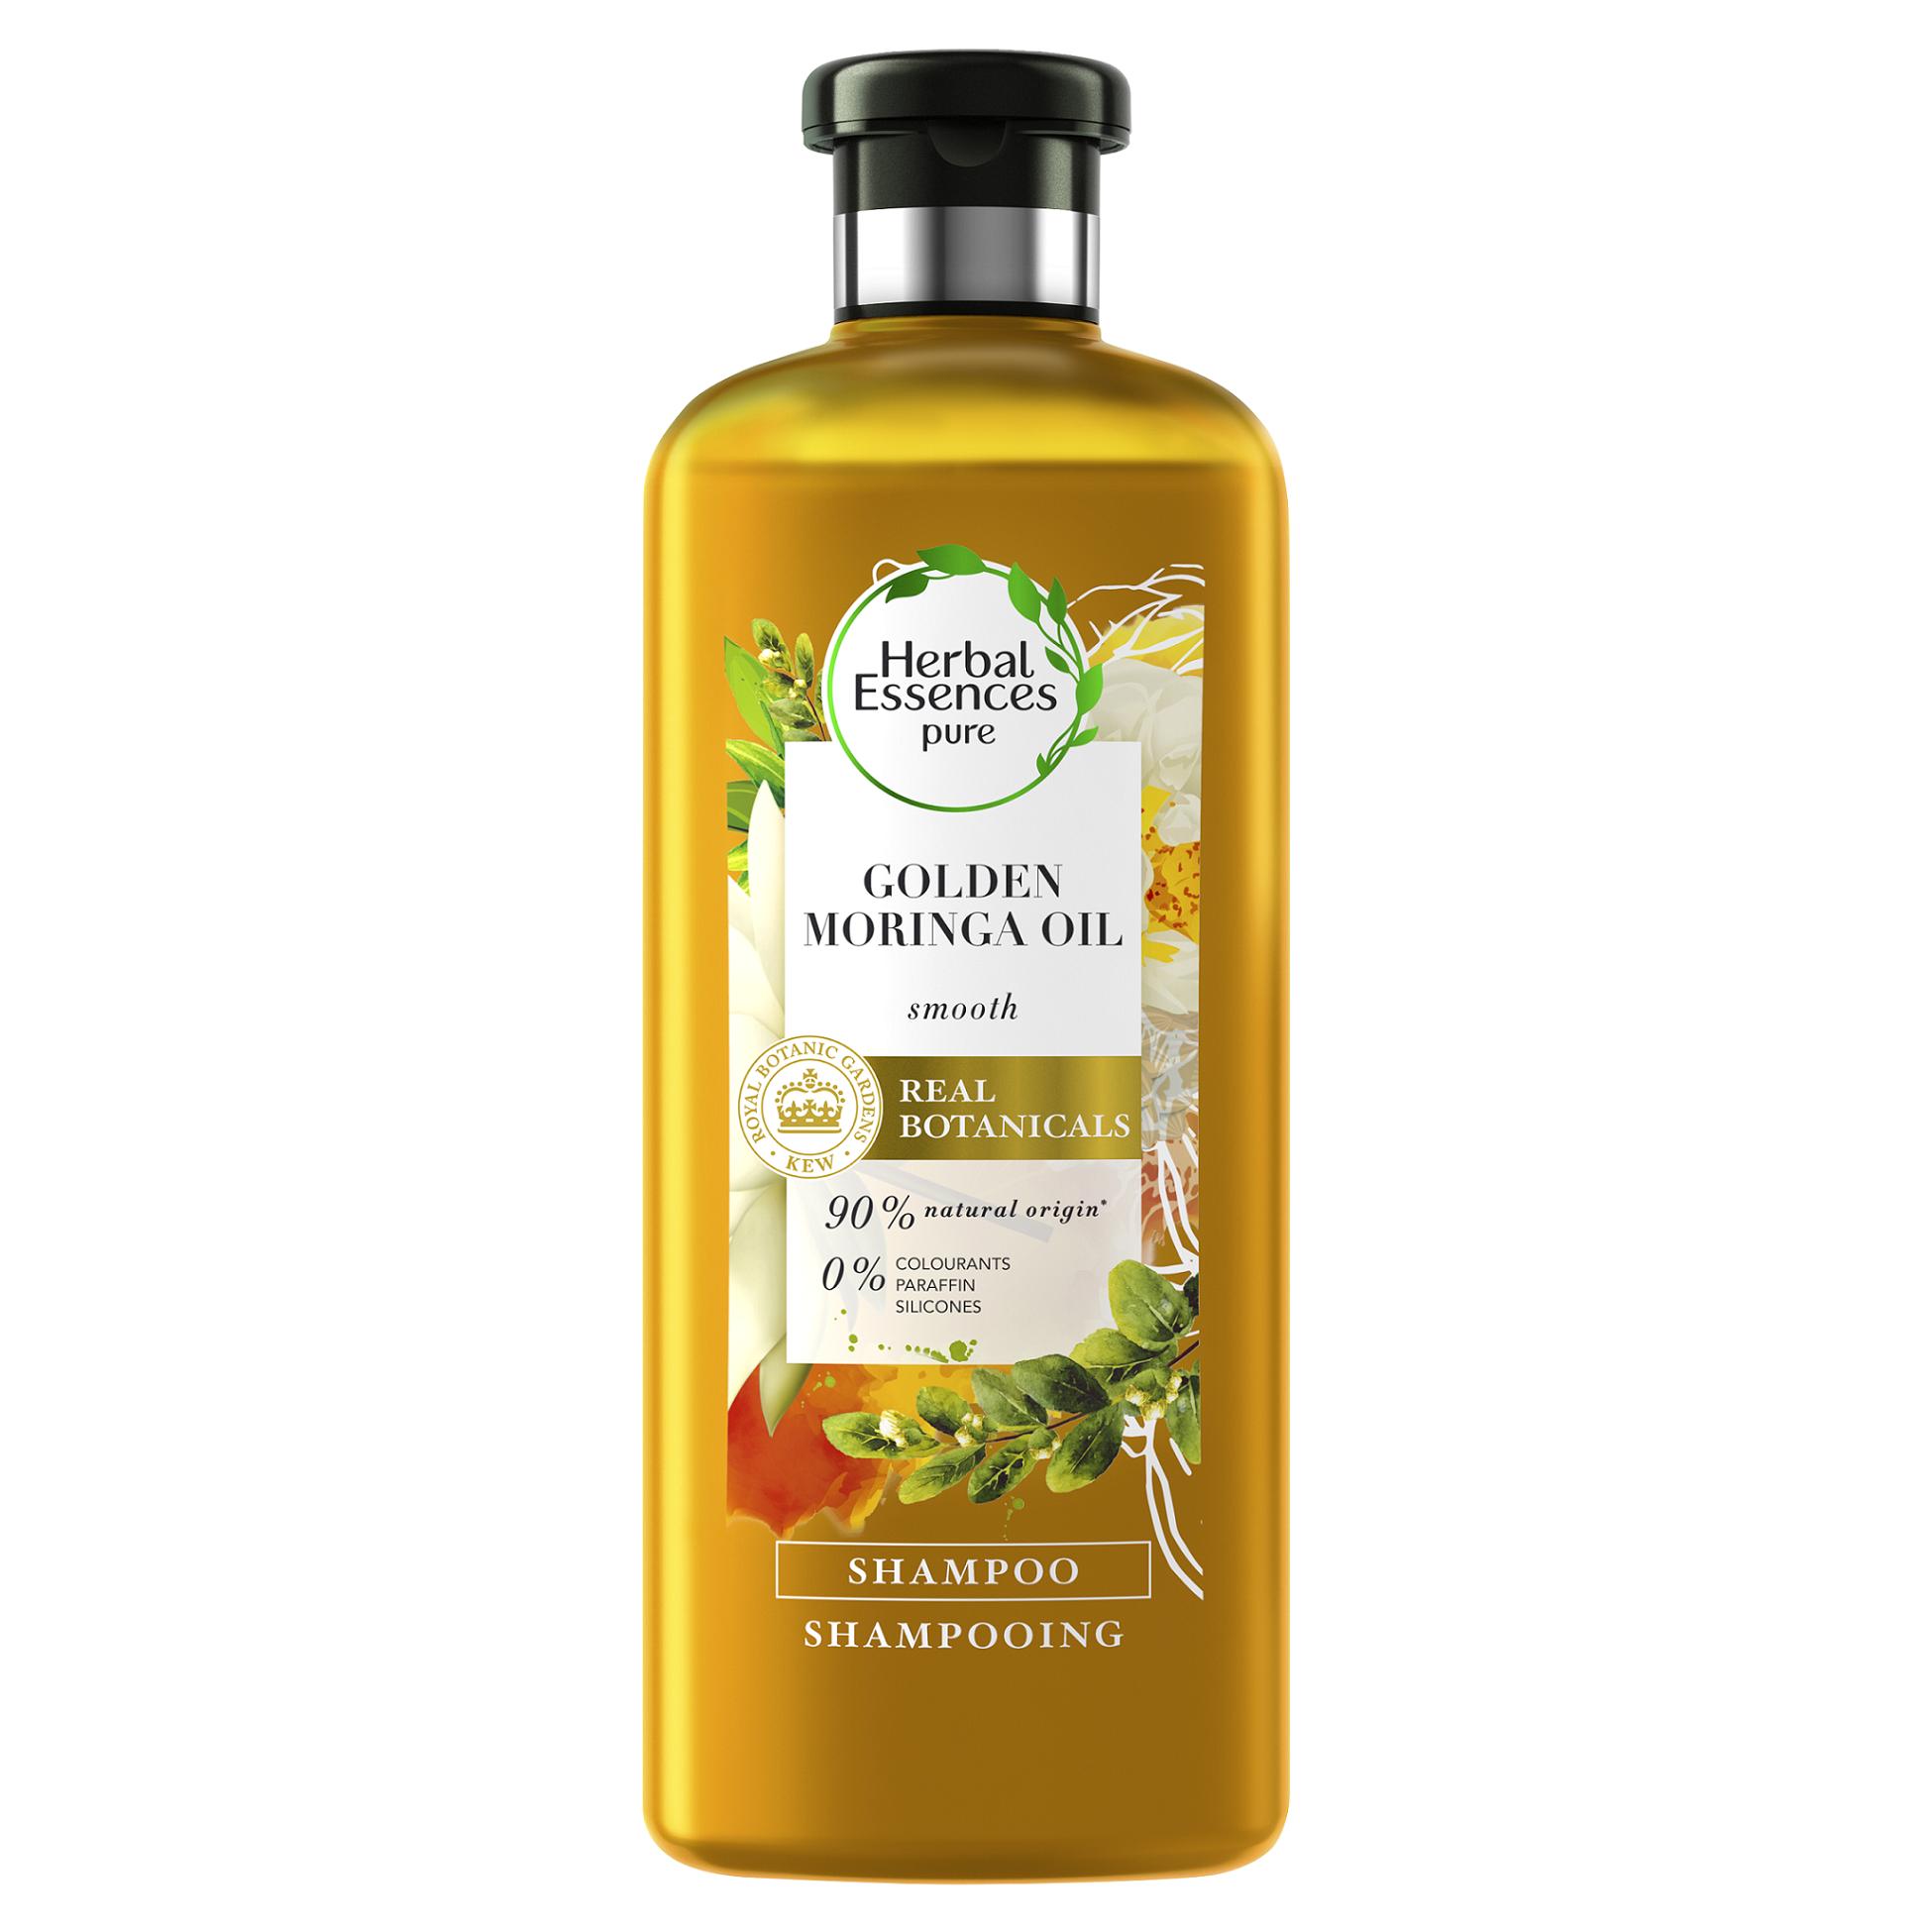 Σαμπουάν για Απαλά Μαλλιά Golden Moringa Oil Herbal Essences (400 ml)